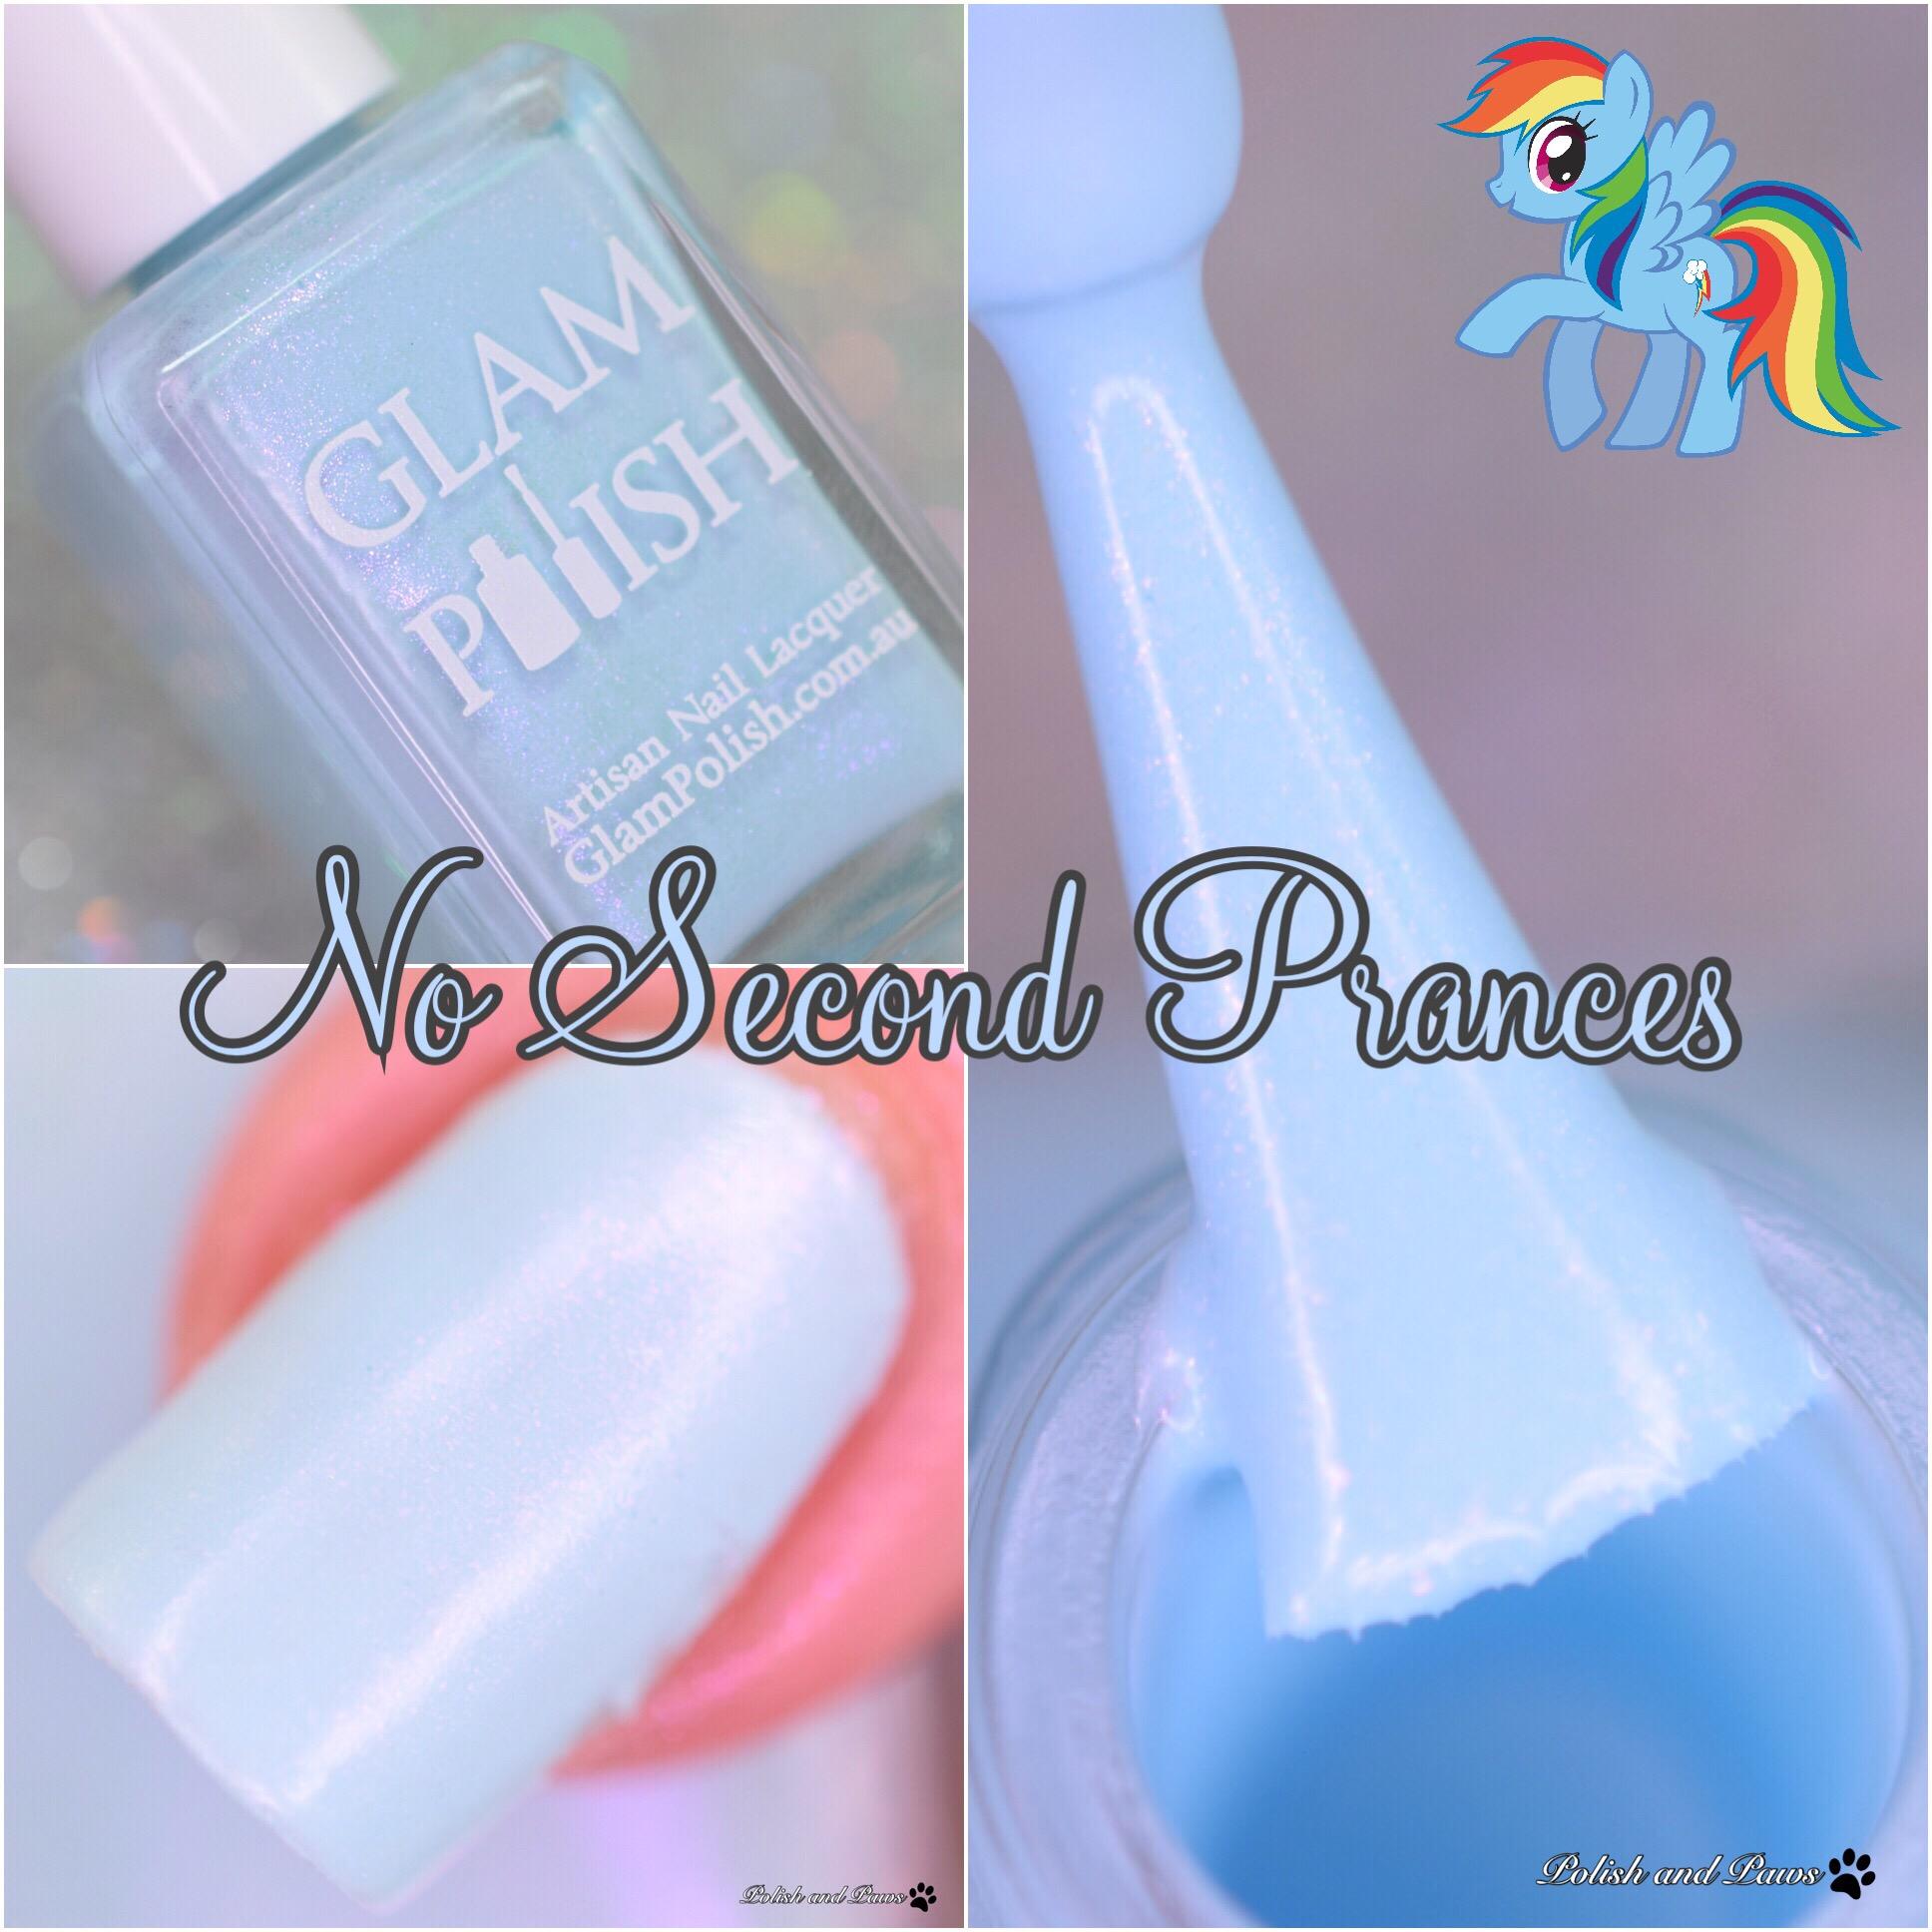 Glam Polish No Second Prances